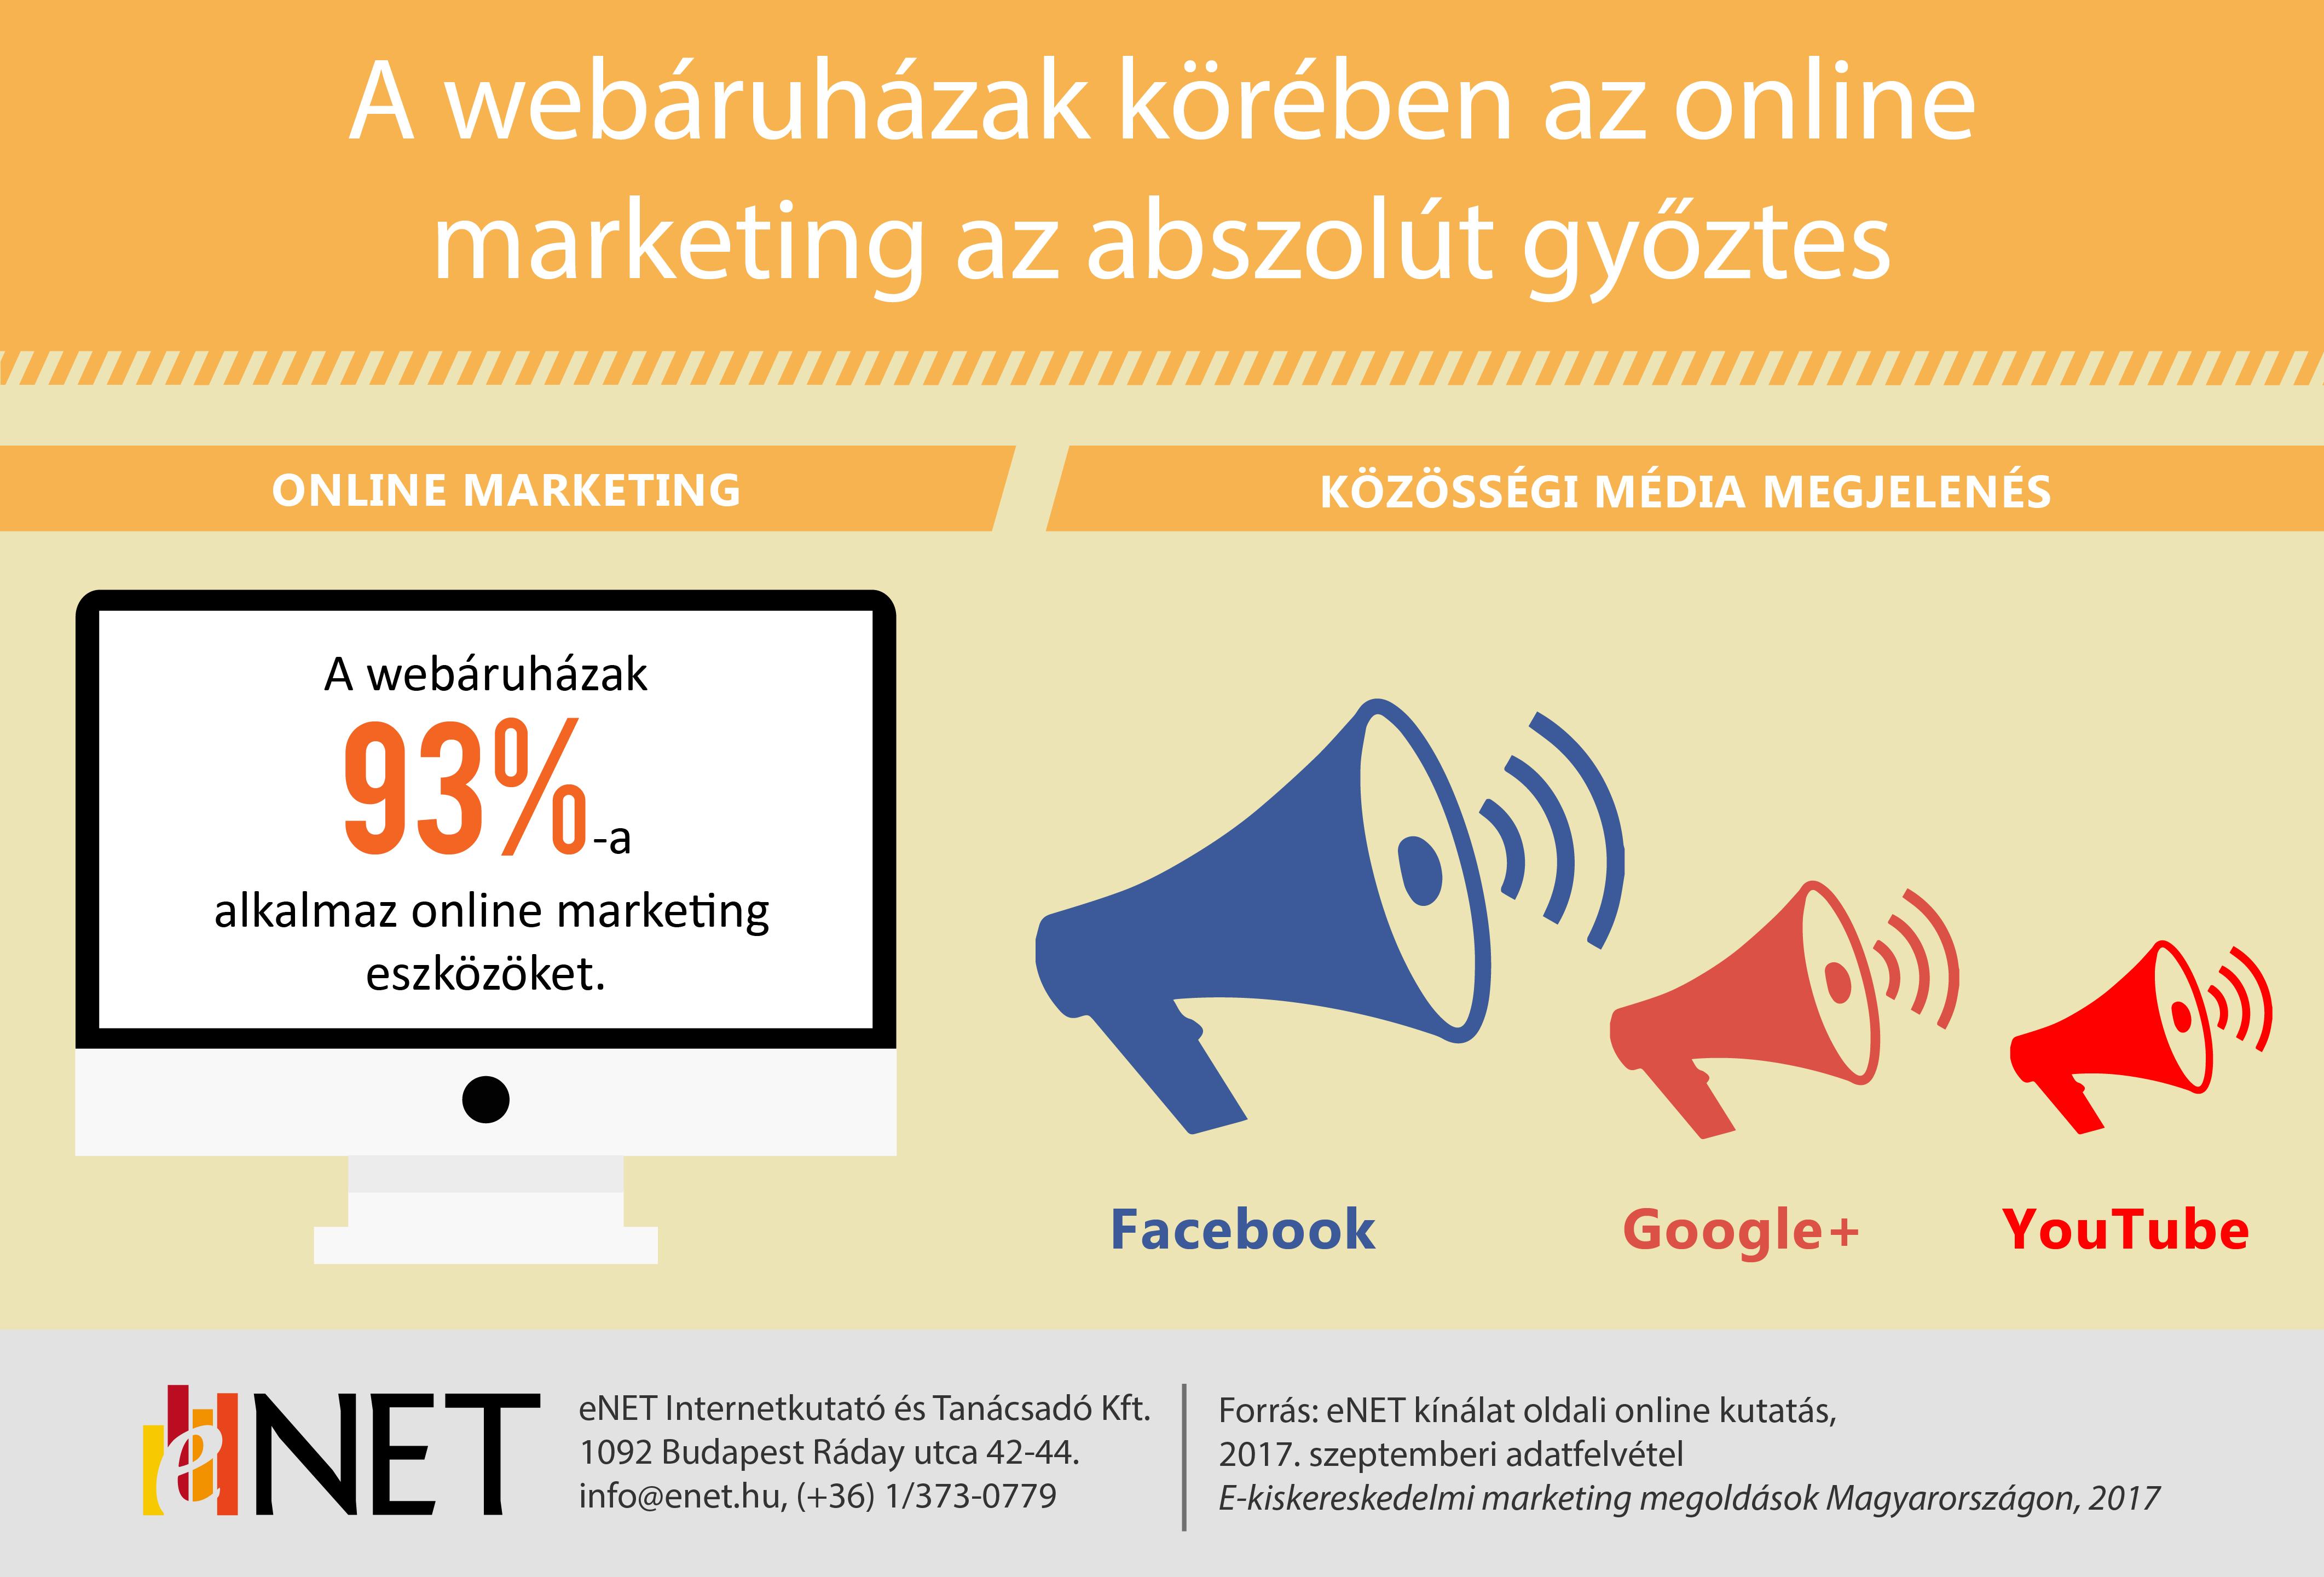 10-ből 6 webáruház ugyan pozitív véleménnyel van az ilyen típusú weboldalak  használatával kapcsolatban. Azonban csak 10-ből 1 elégedett teljes  mértékben az ... 8e64de5706